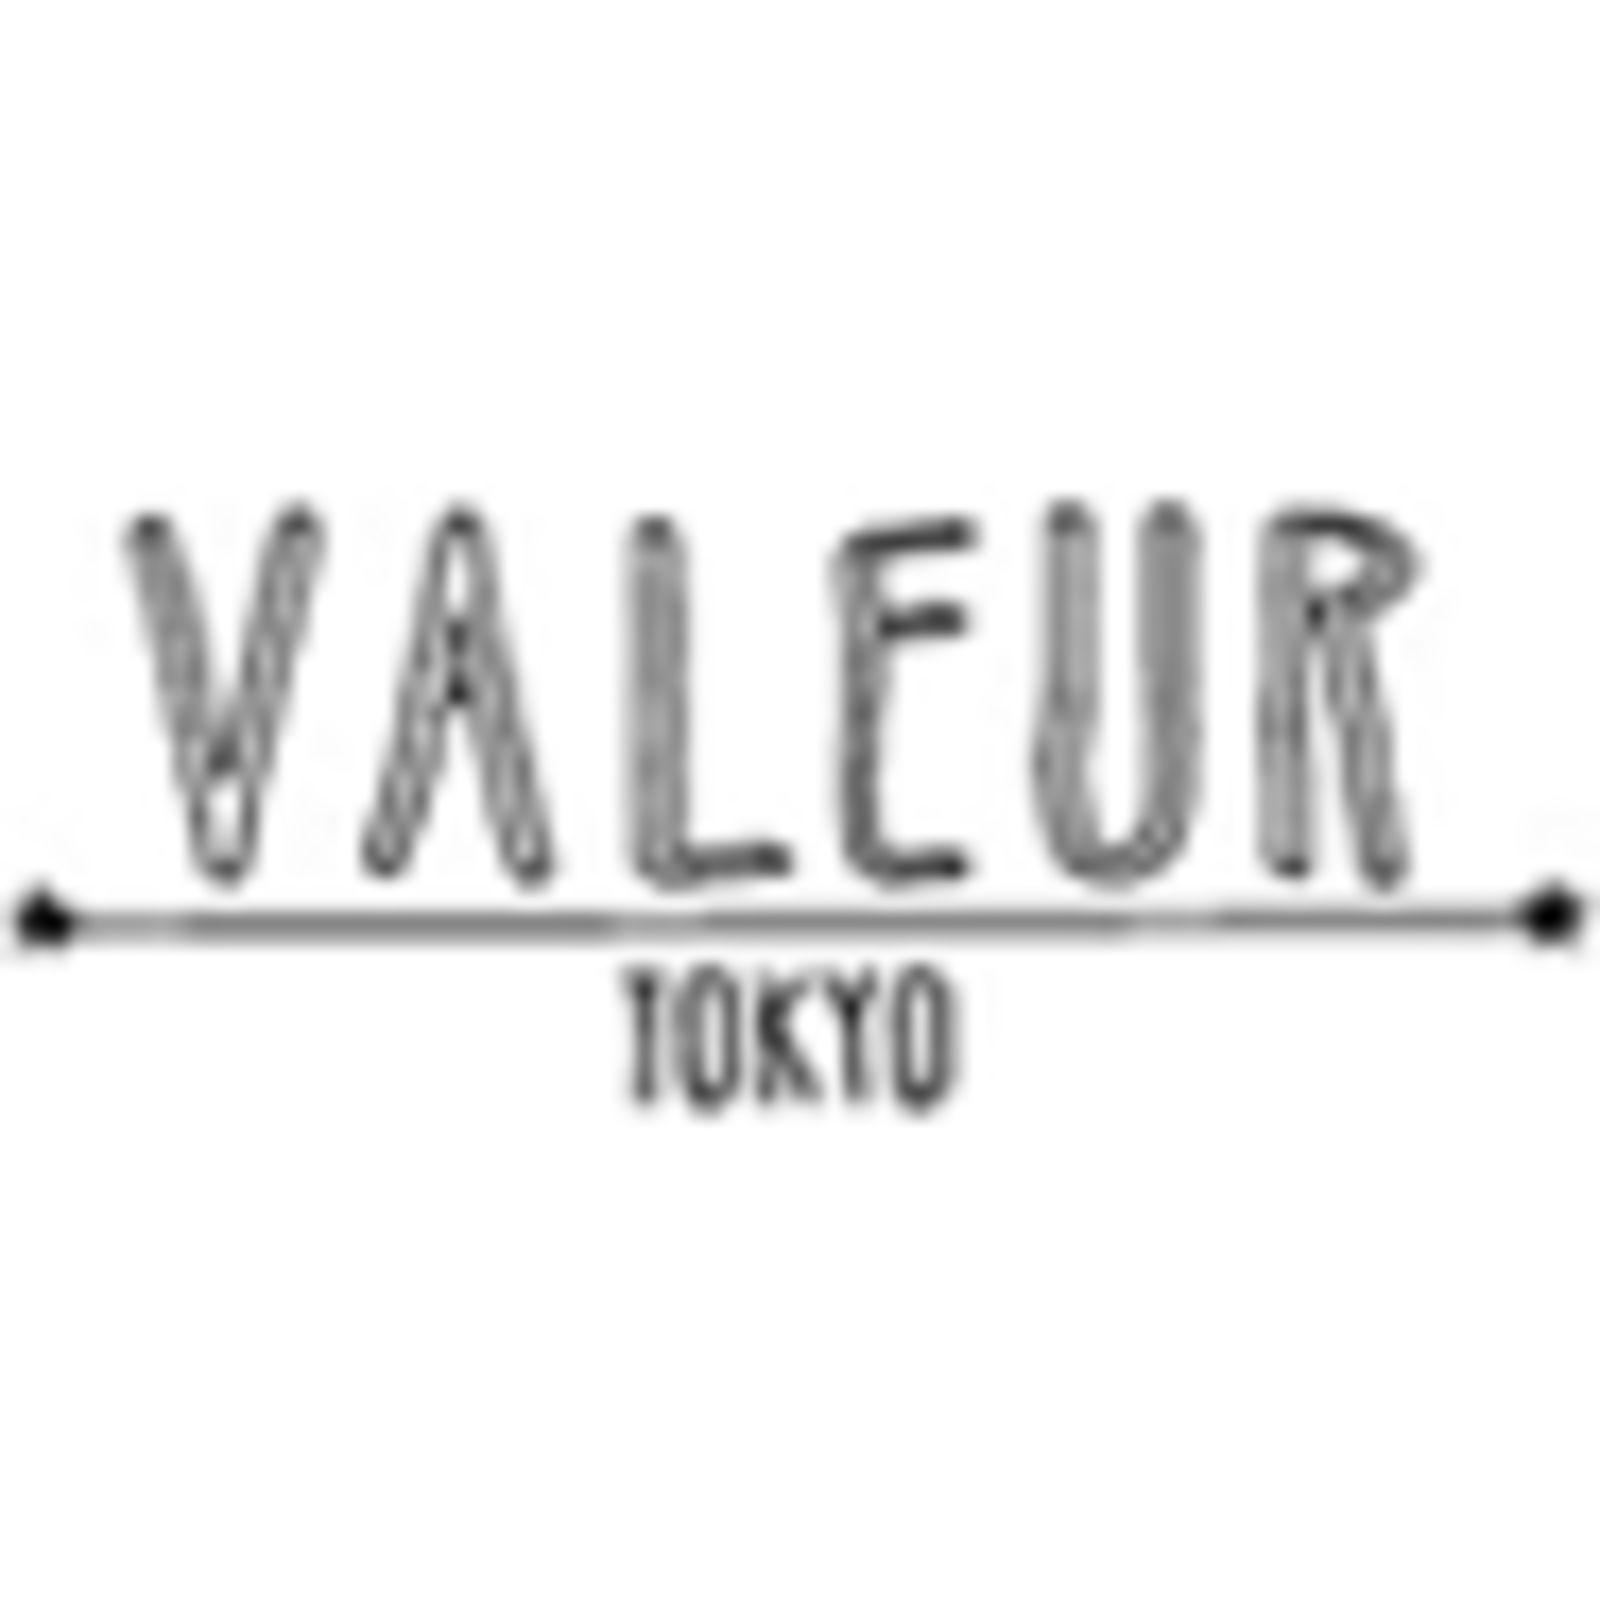 VALEUR Tokyo